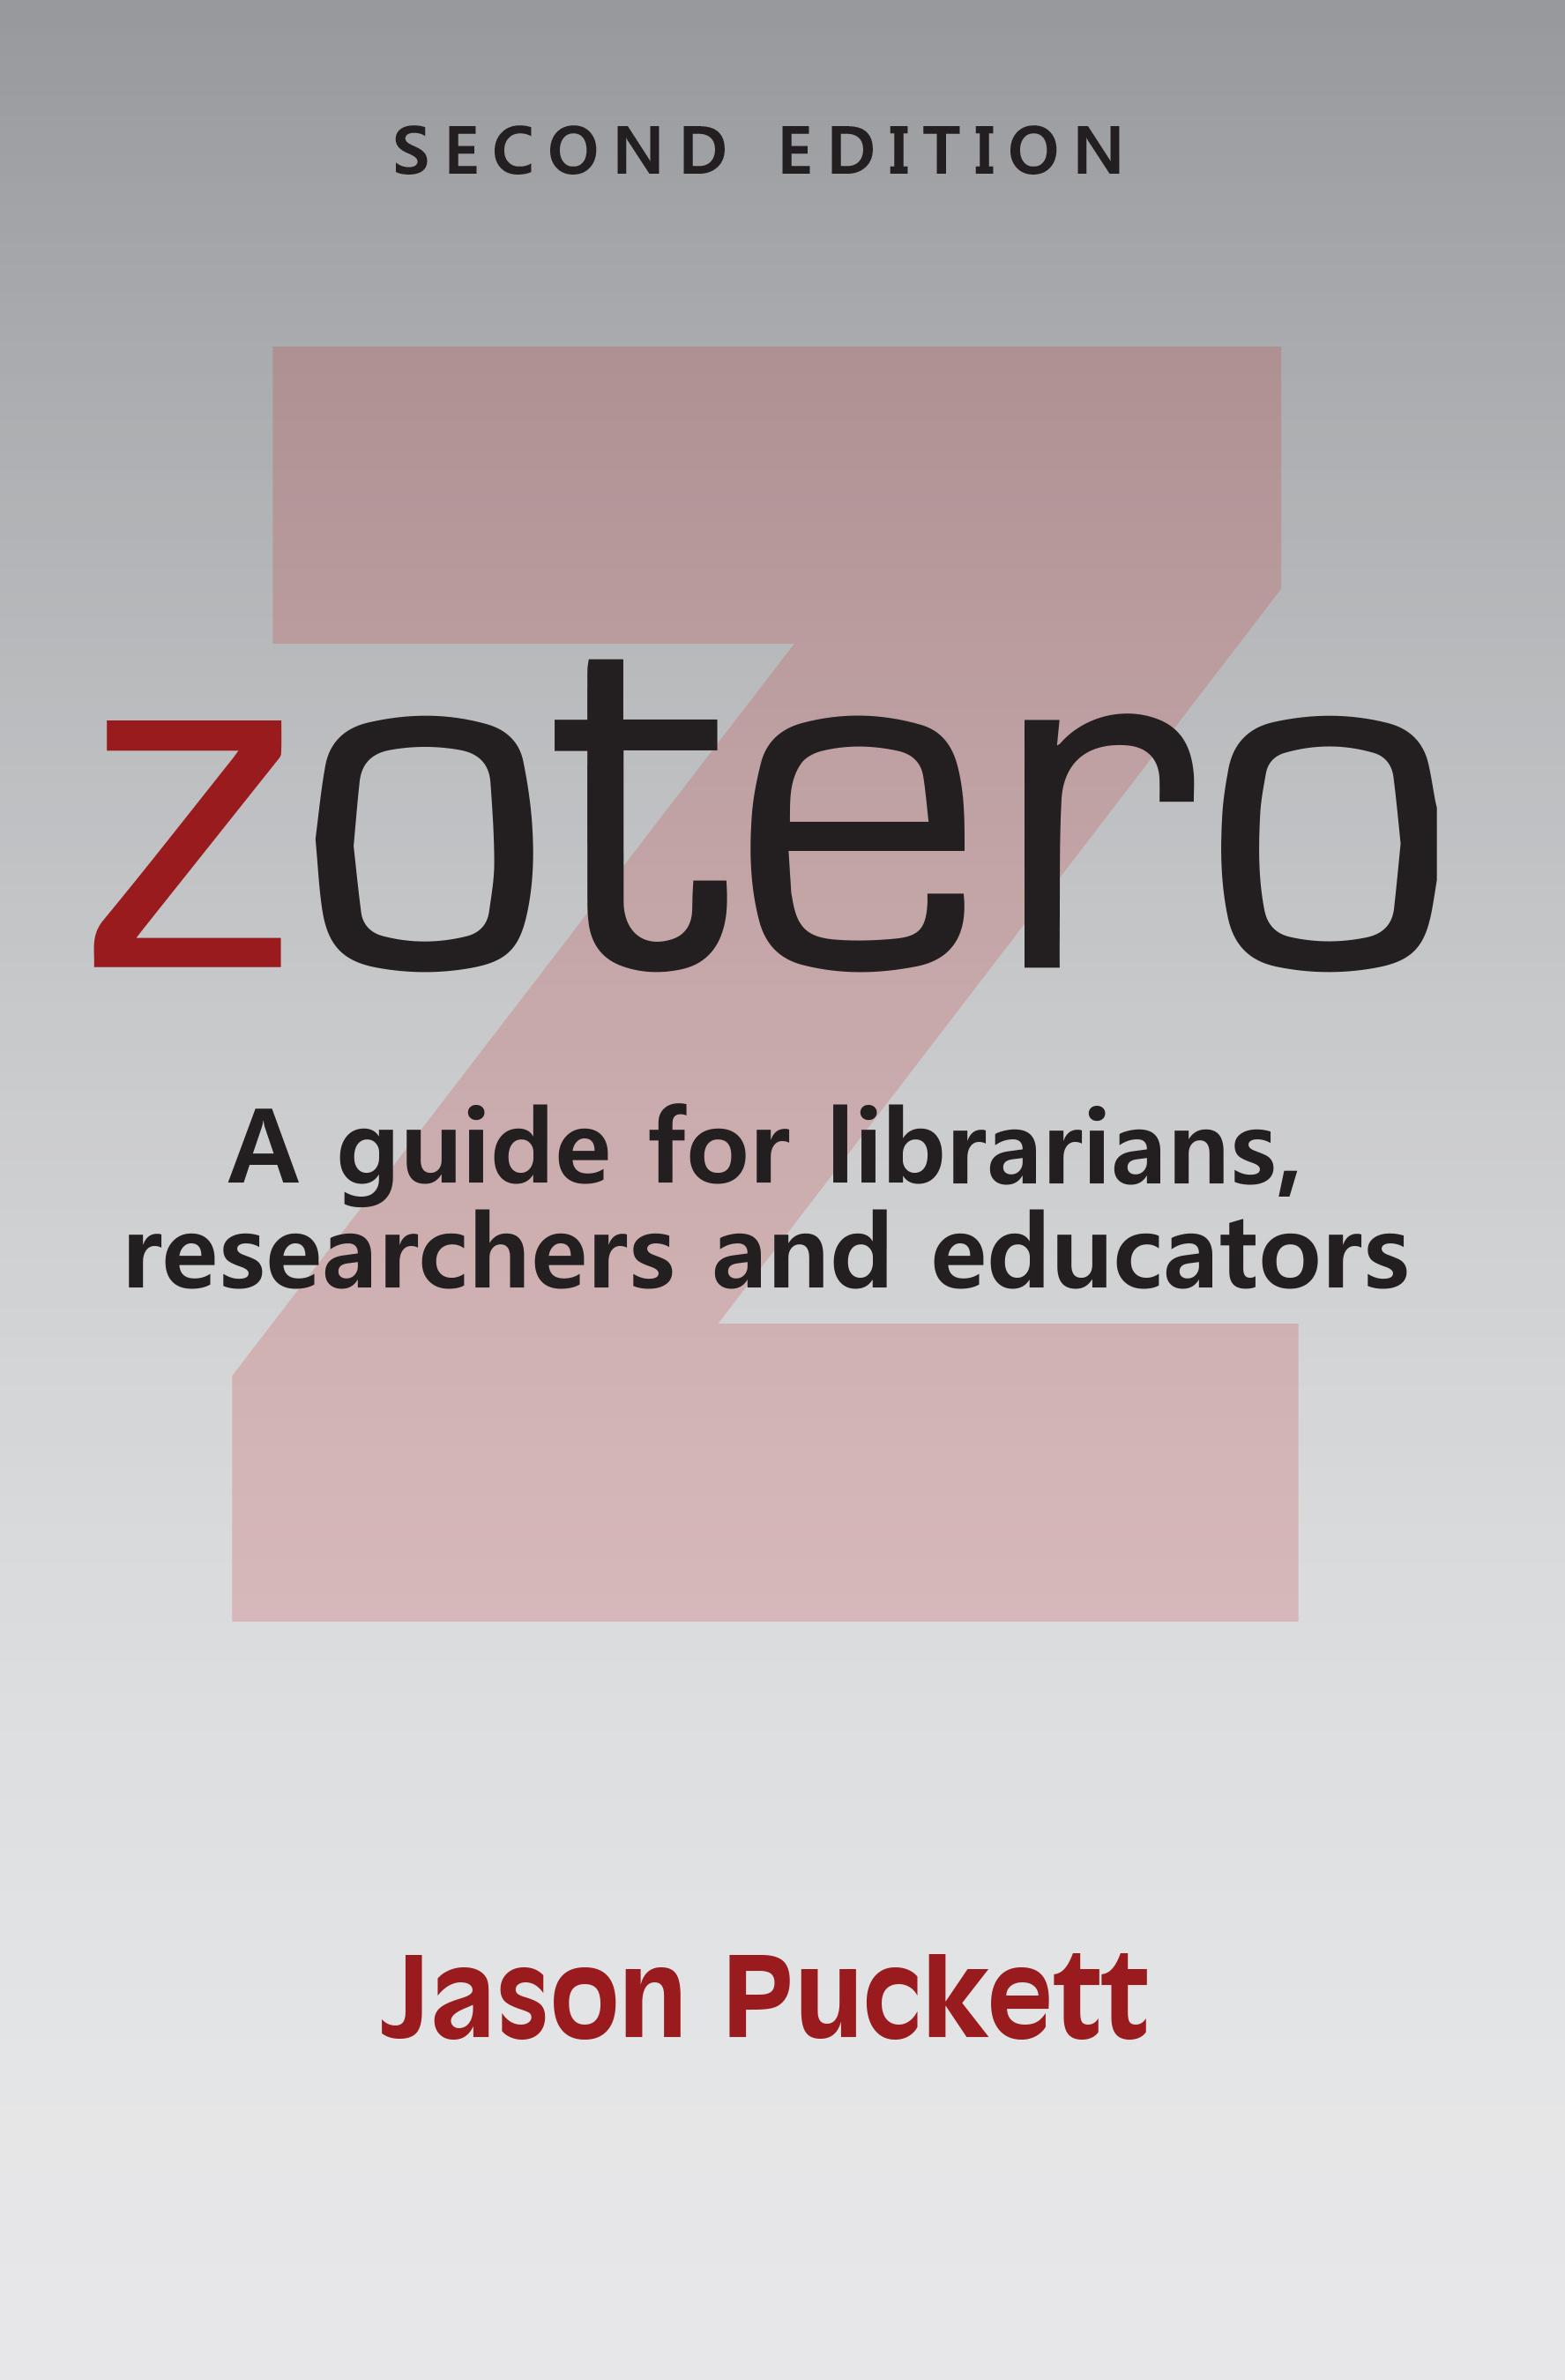 Zotero book cover